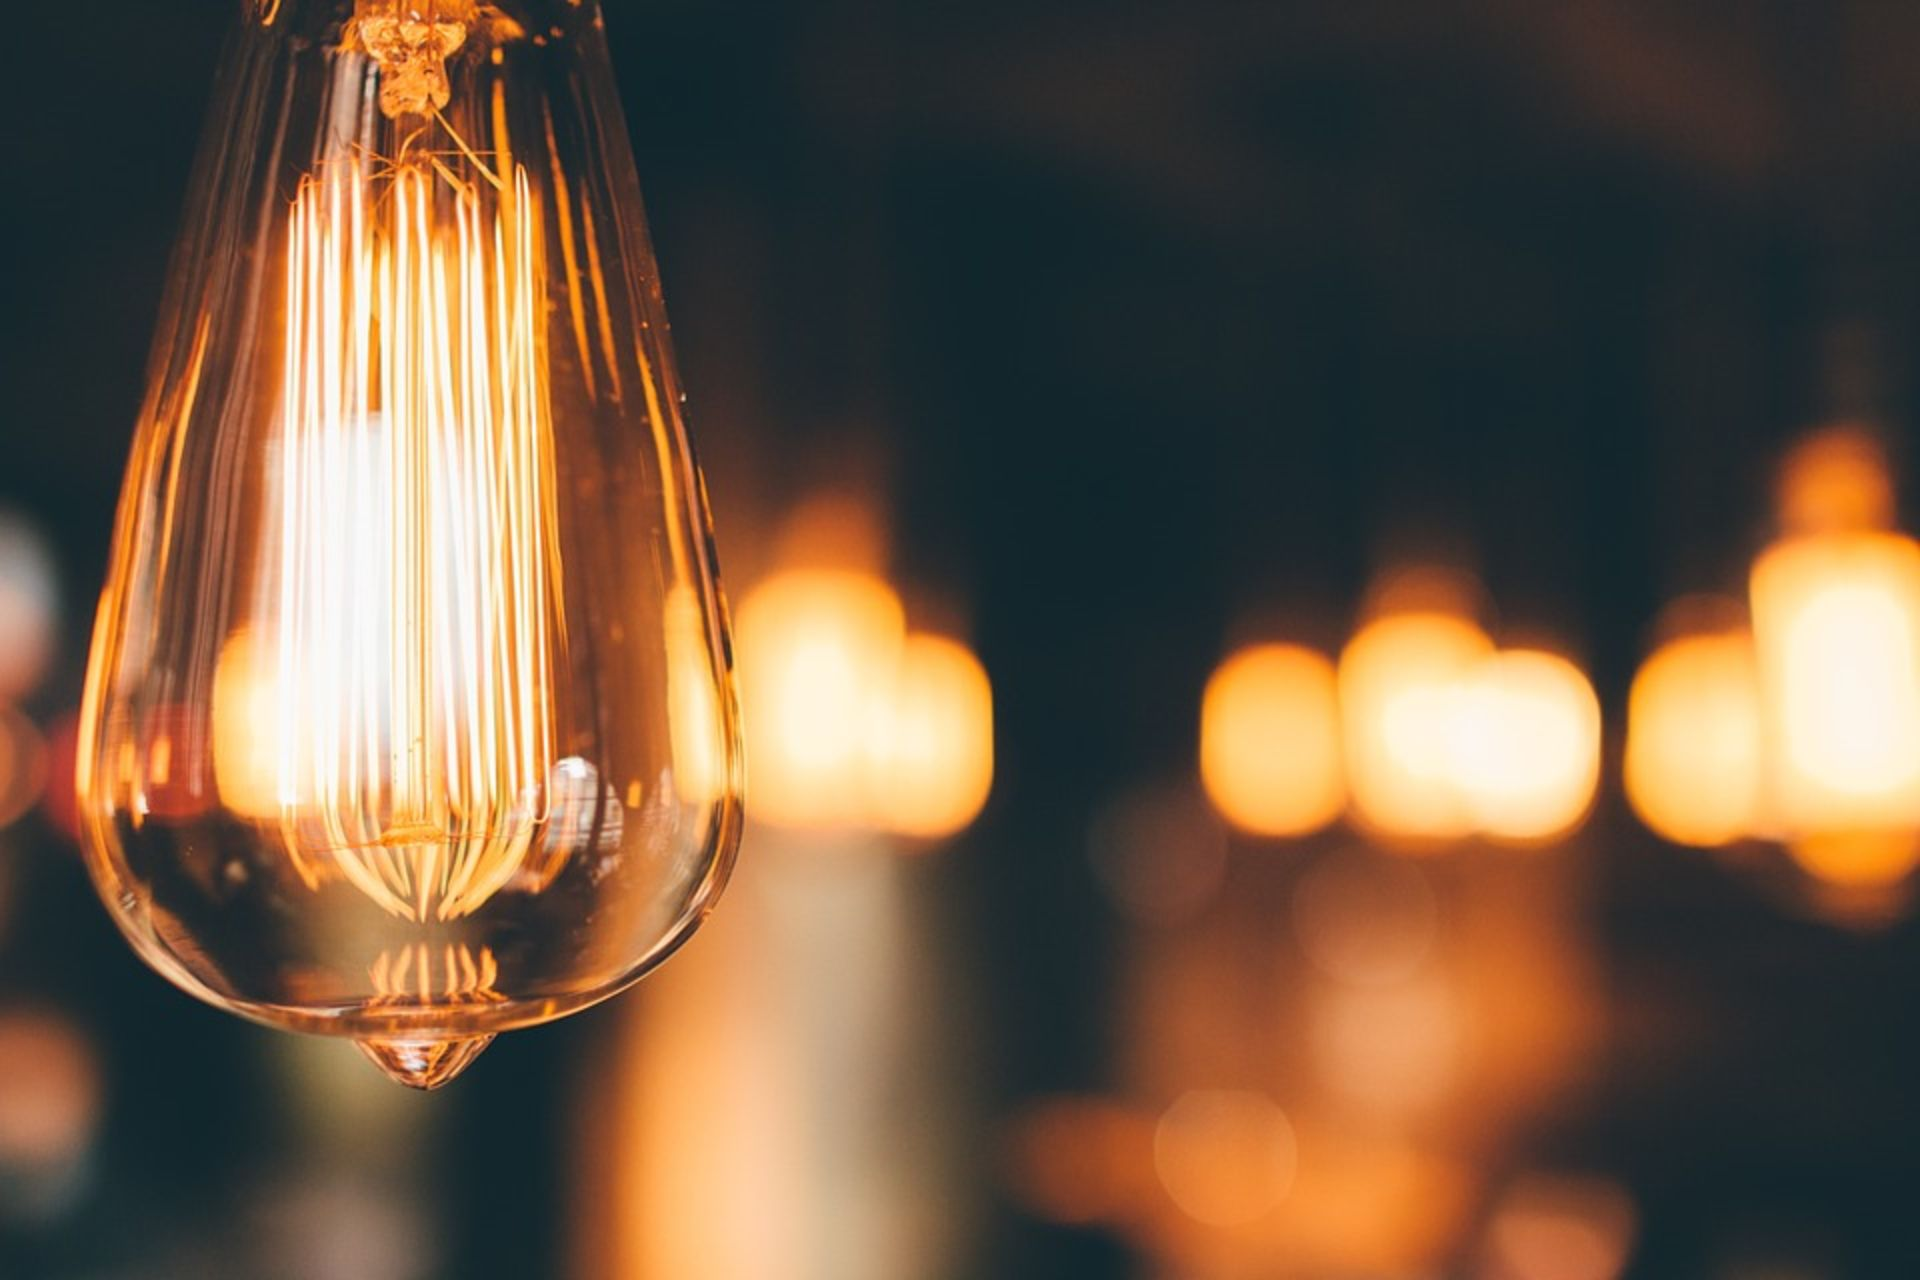 Light It Up: Home Lighting Matters